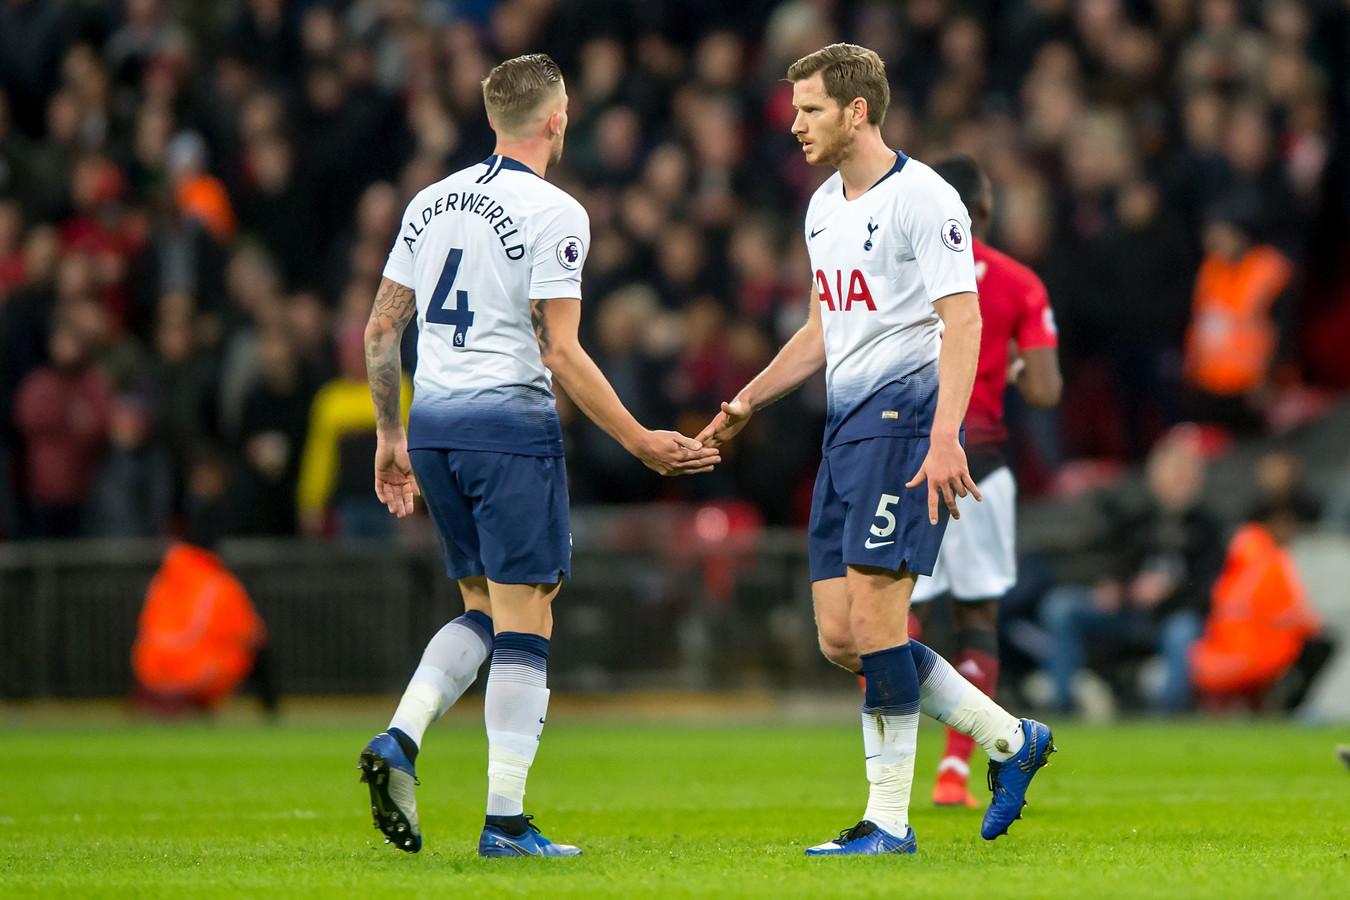 Fin d'une aventure commune qui aura duré cinq ans pour les deux défenseurs belges à Tottenham.